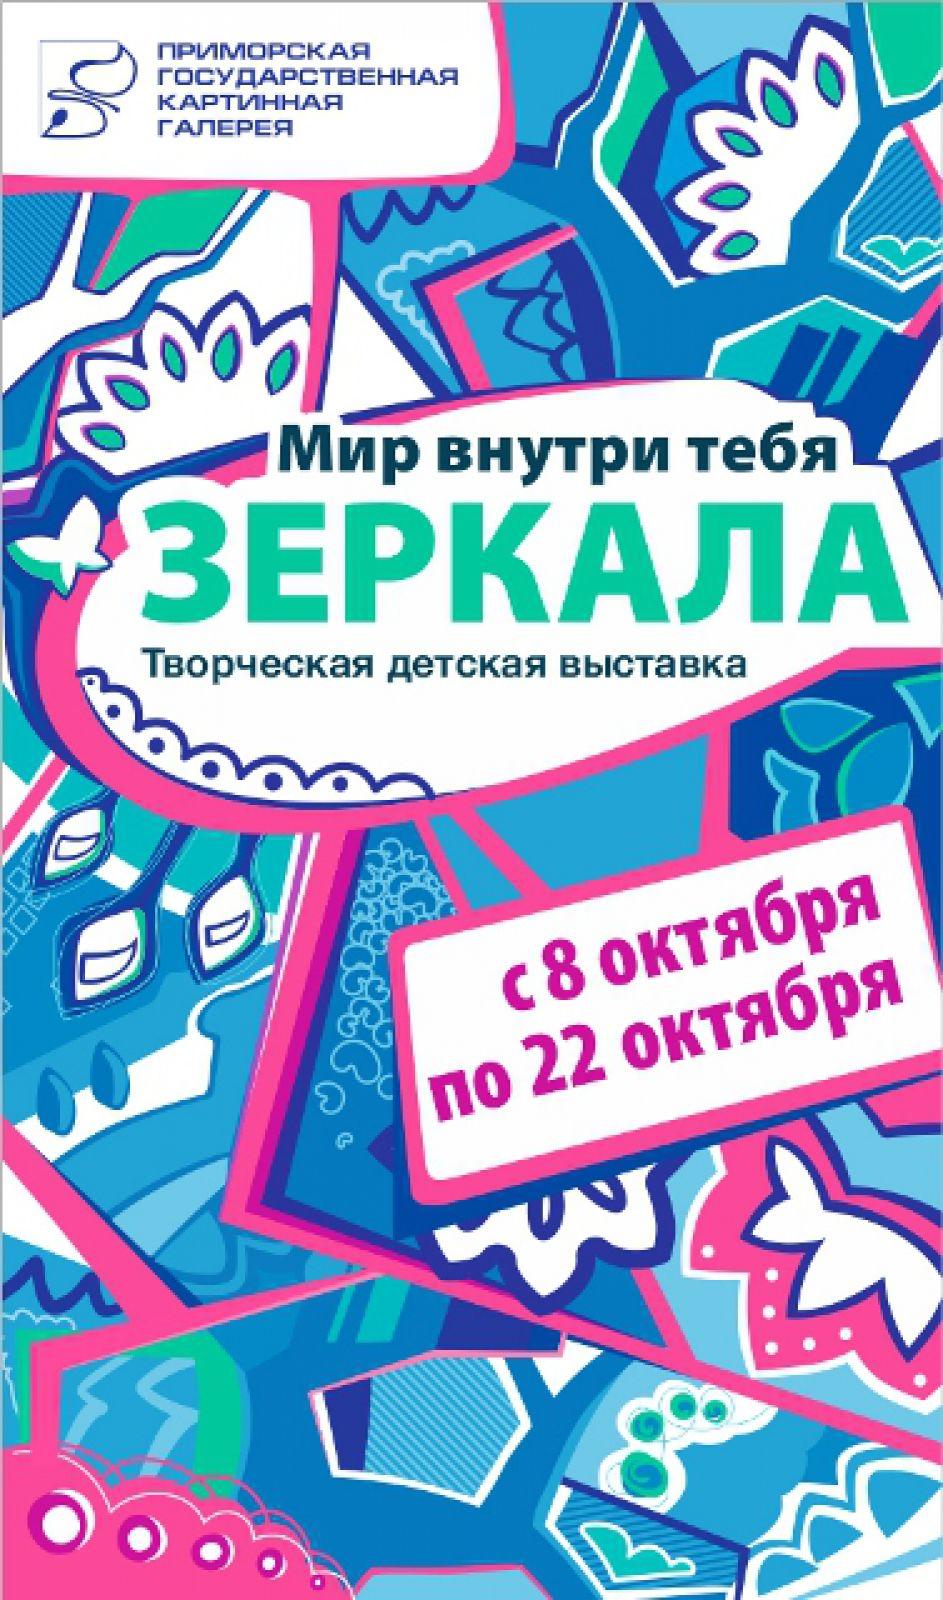 Выставка работает с 8 по 22 октября.